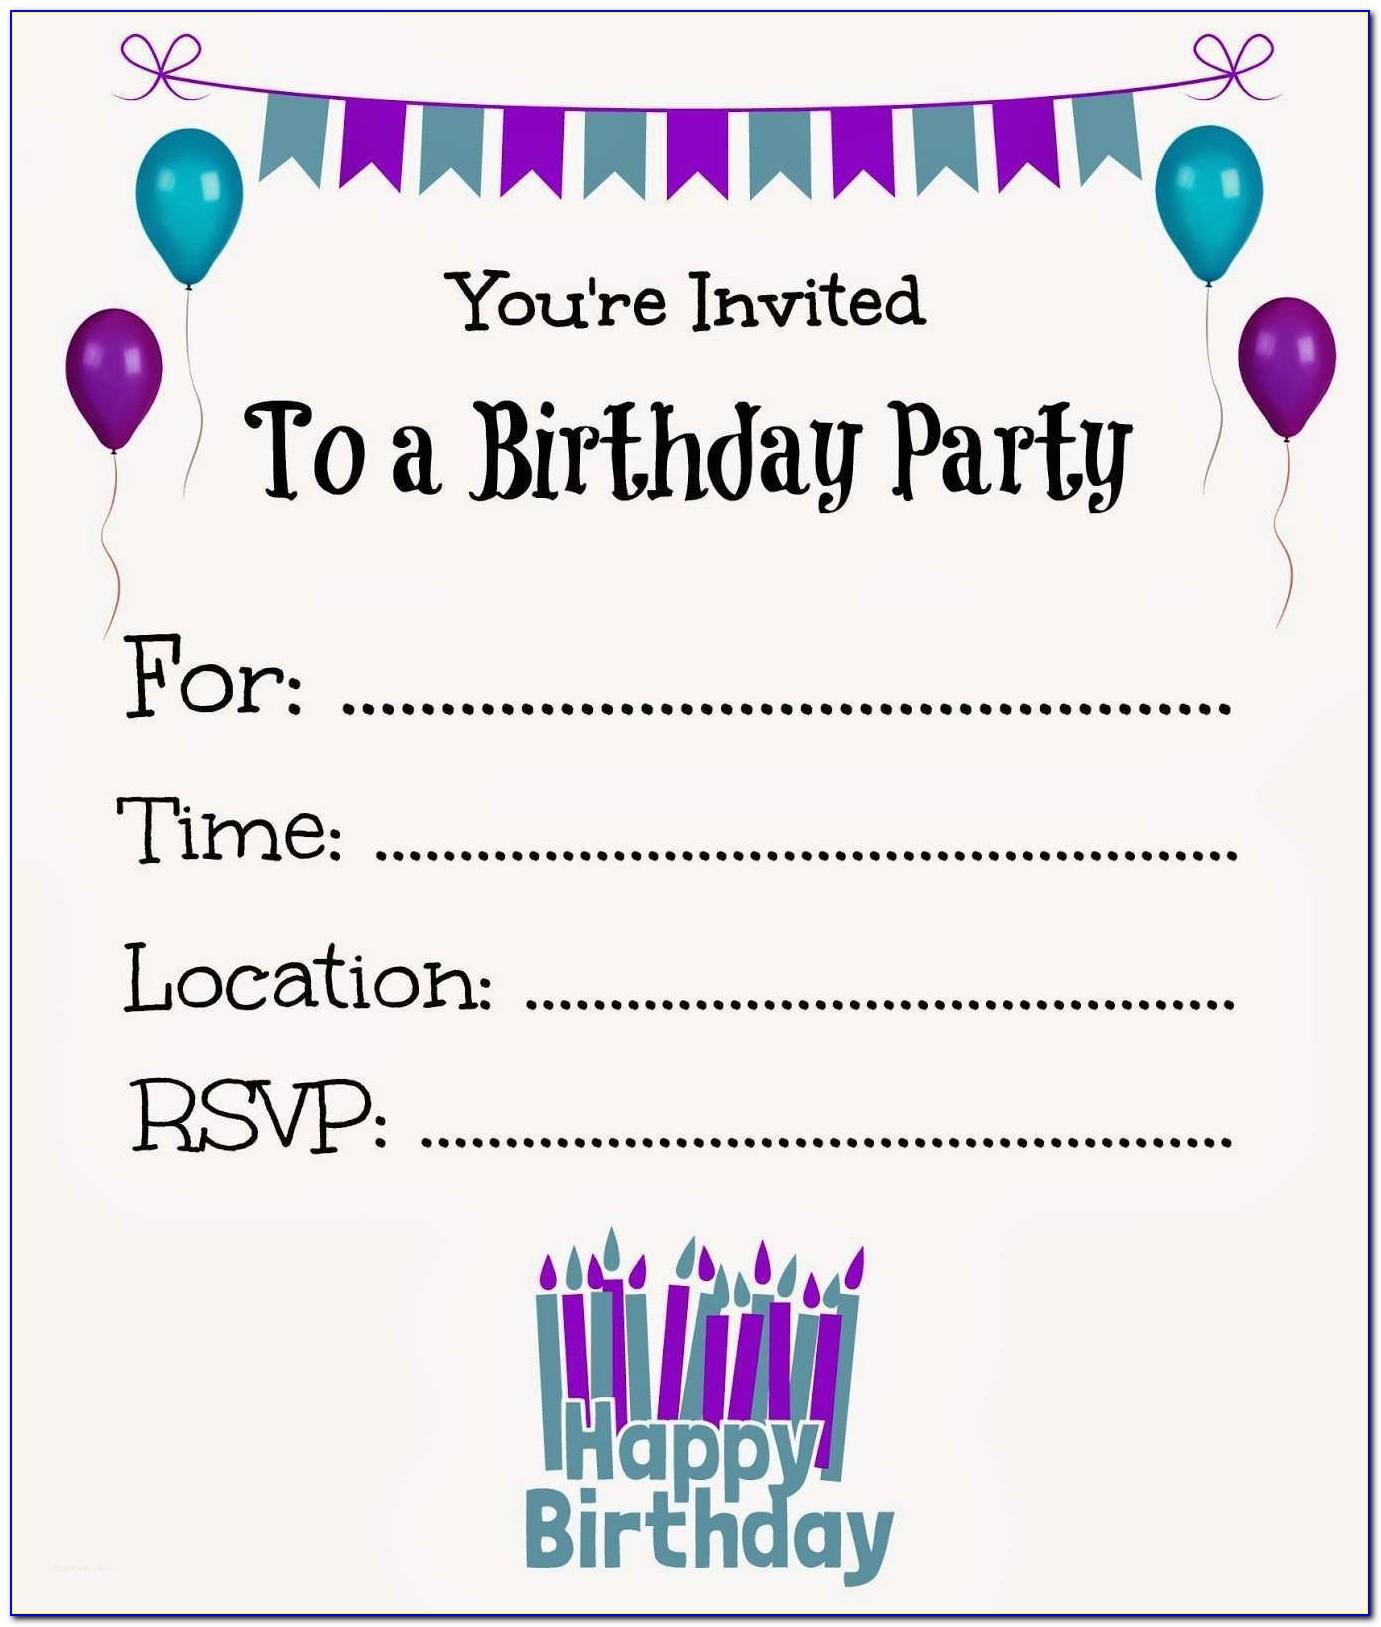 Create A Party Invite Free